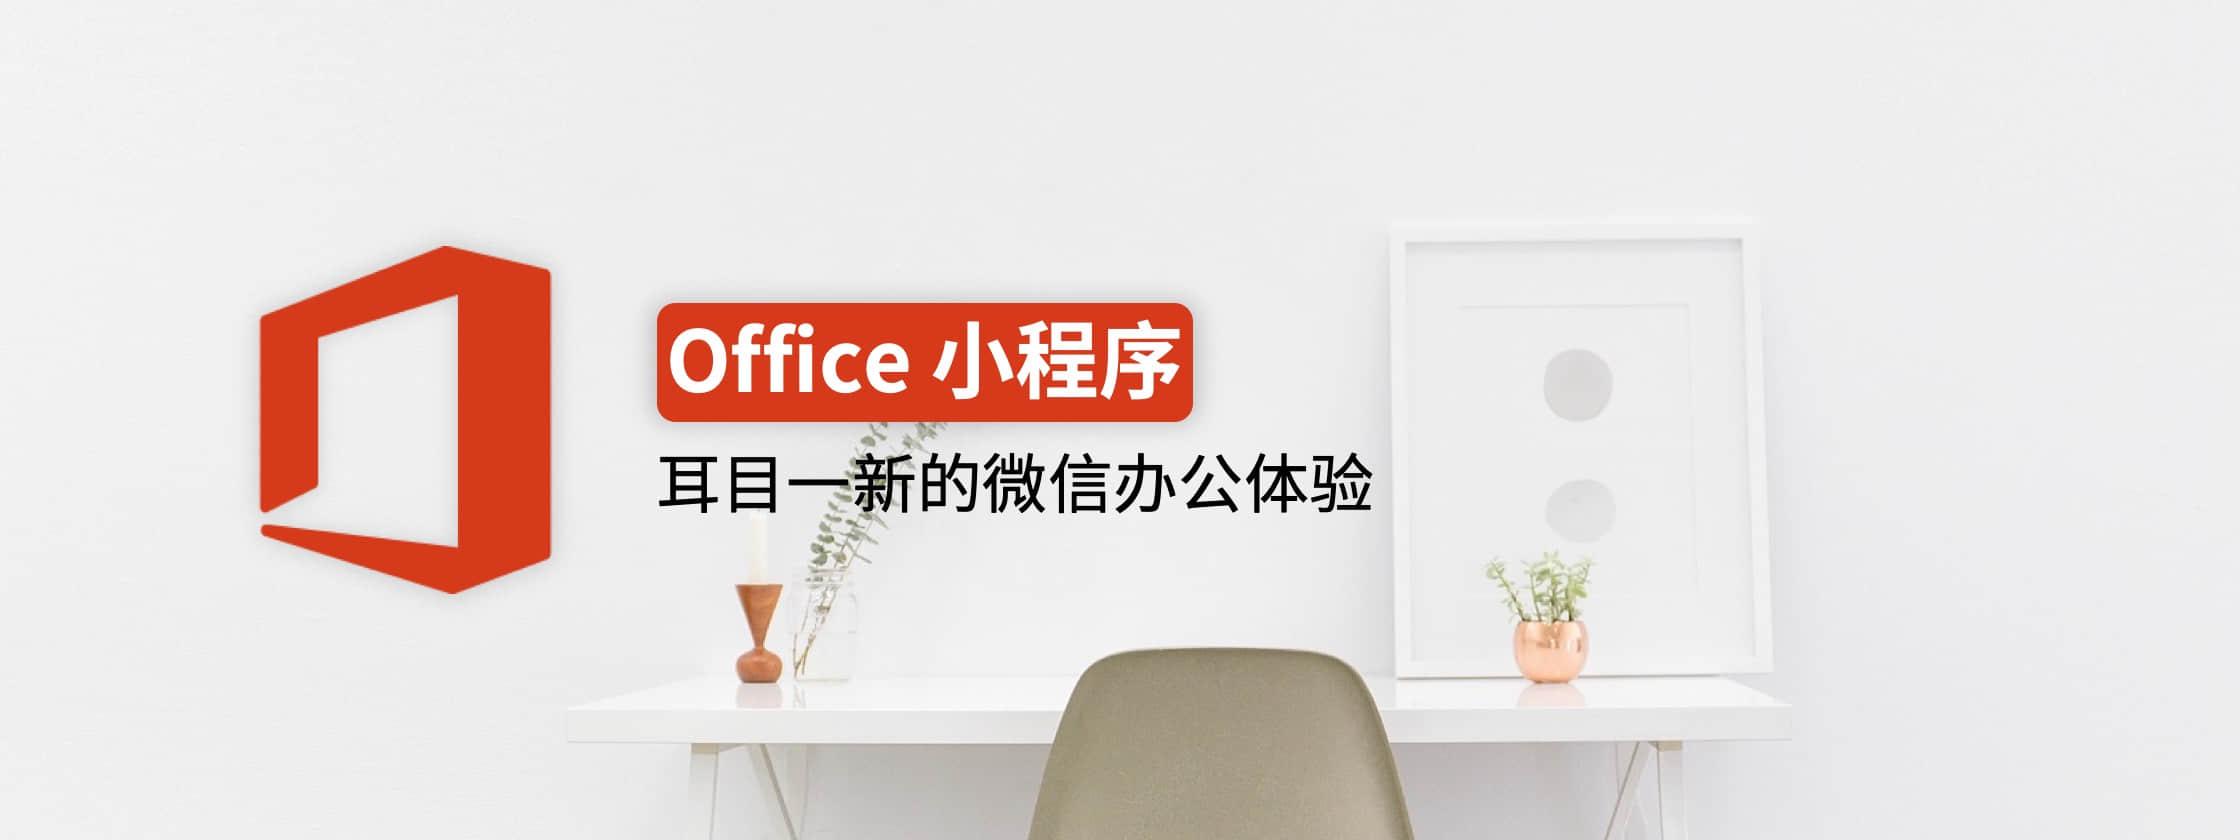 微软 Office 文档小程序,带给你耳目一新的微信办公体验